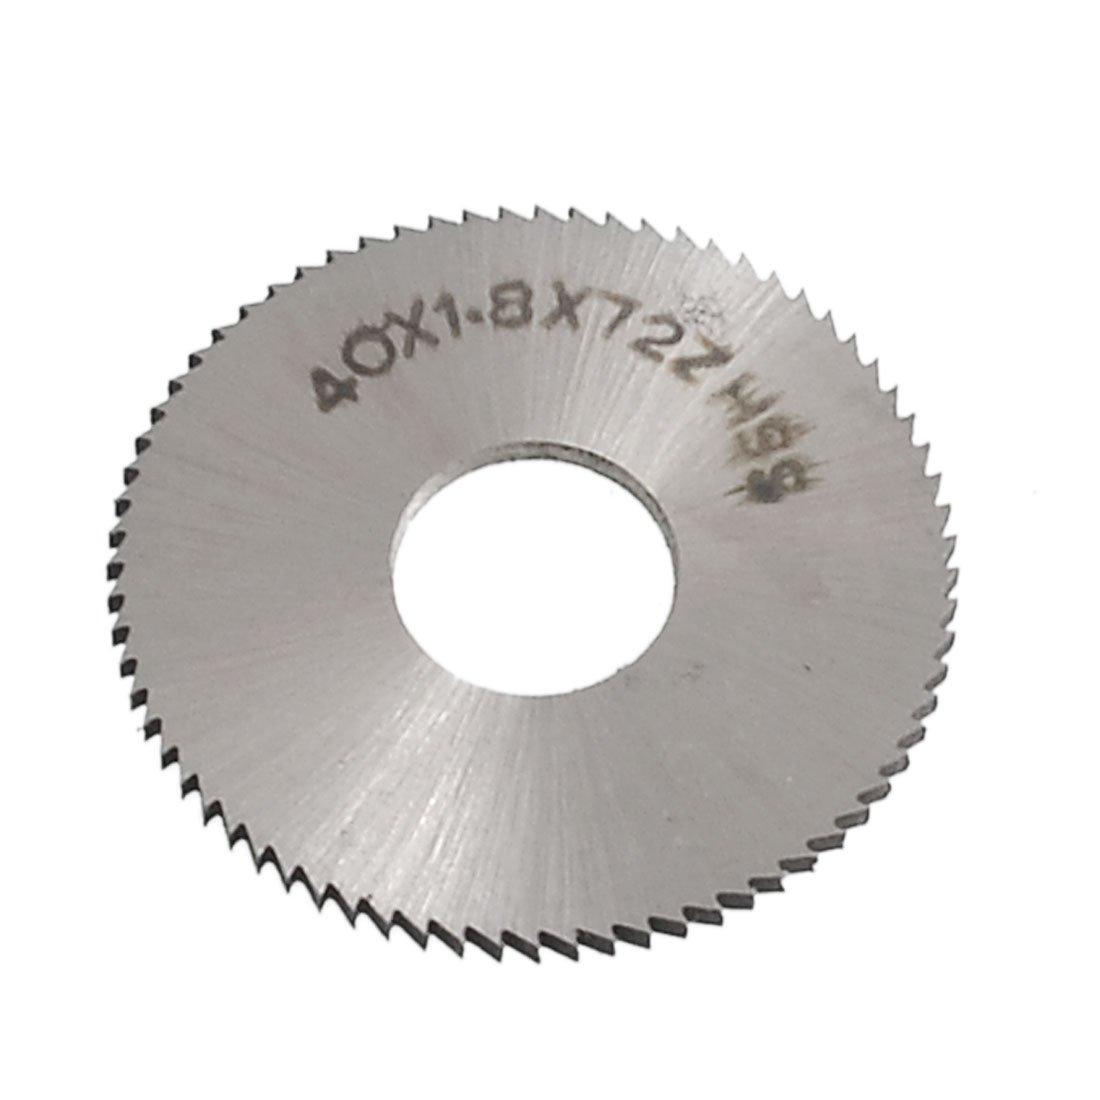 Aexit Cesoia per sega circolare HSS 72T da 40 mm x 1,8 mm x 13 mm ID 444107